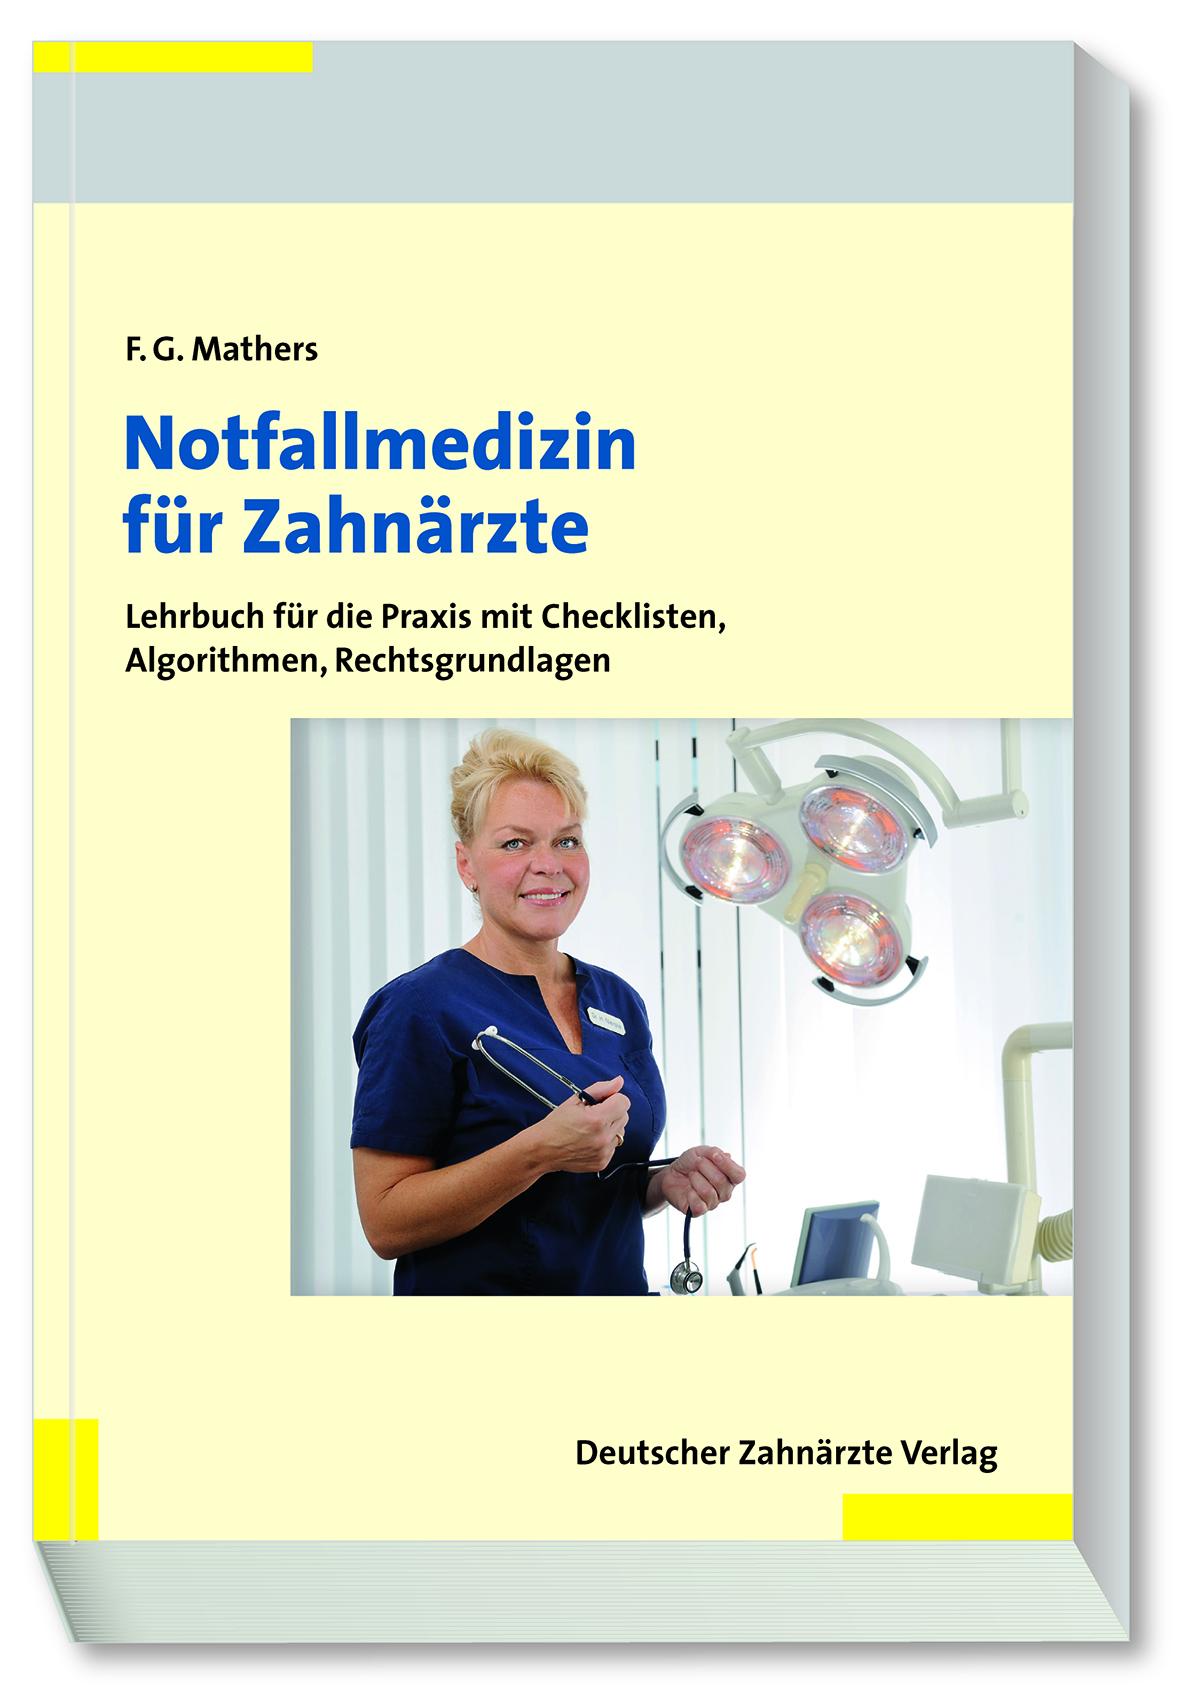 Dr. Frank G. Mathers, Fachbuch, Notfallmedizin für Ärzte; Dentale Sedierung